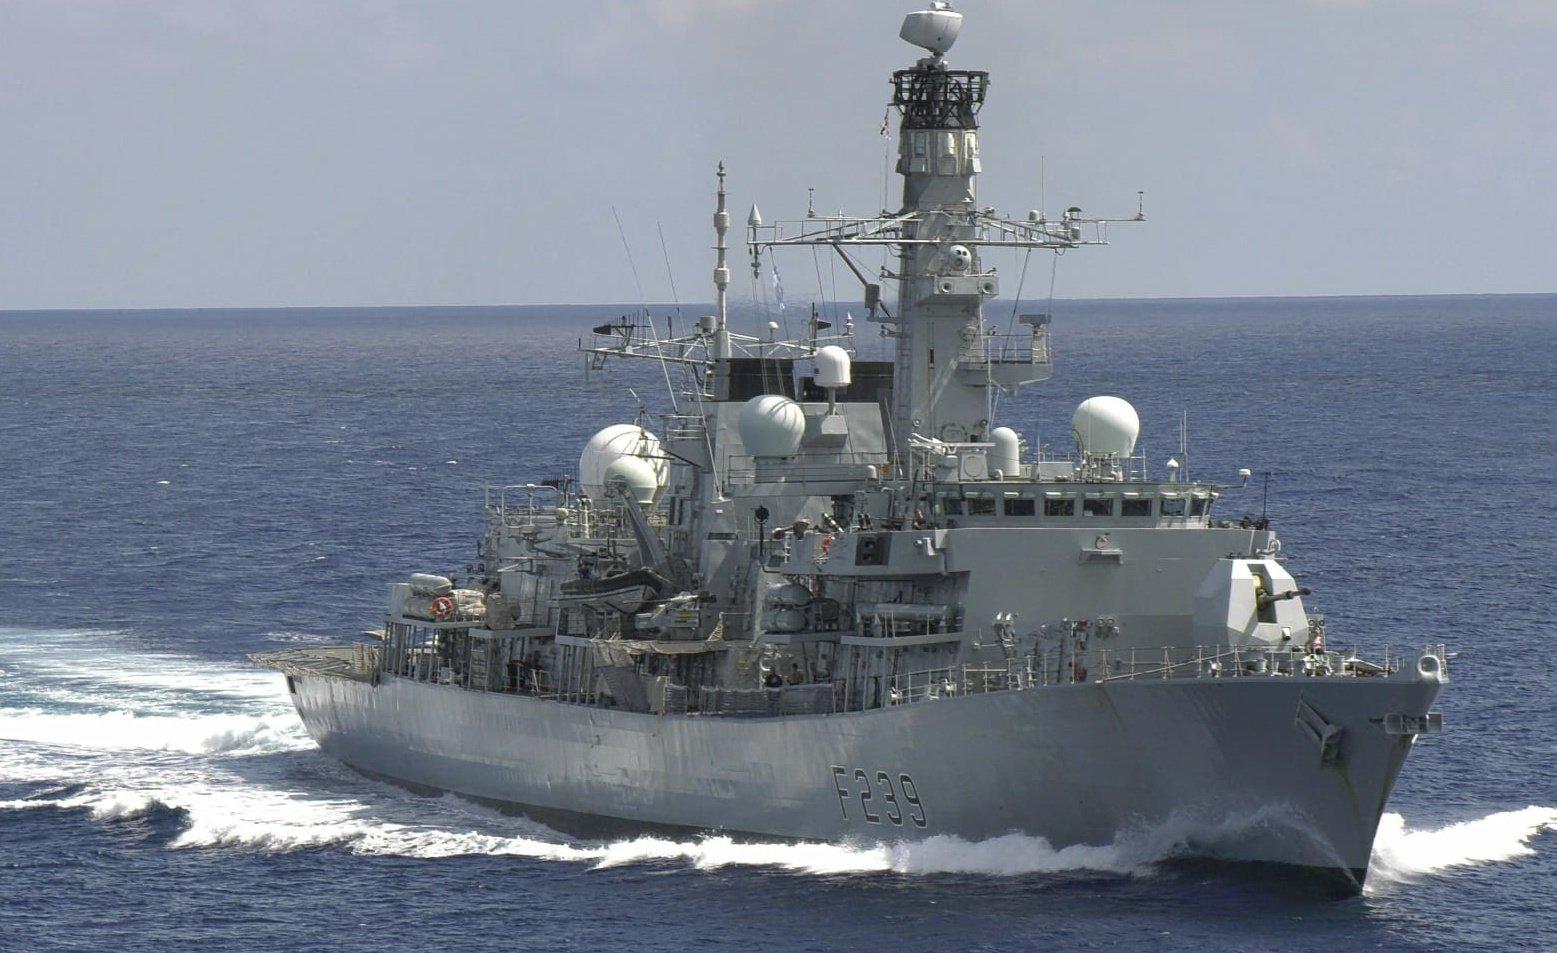 9月27日,英國海軍23型護衛艦「里士滿號」(HMS Richmond)通過台灣海峽。(取自里士滿號官方推特)